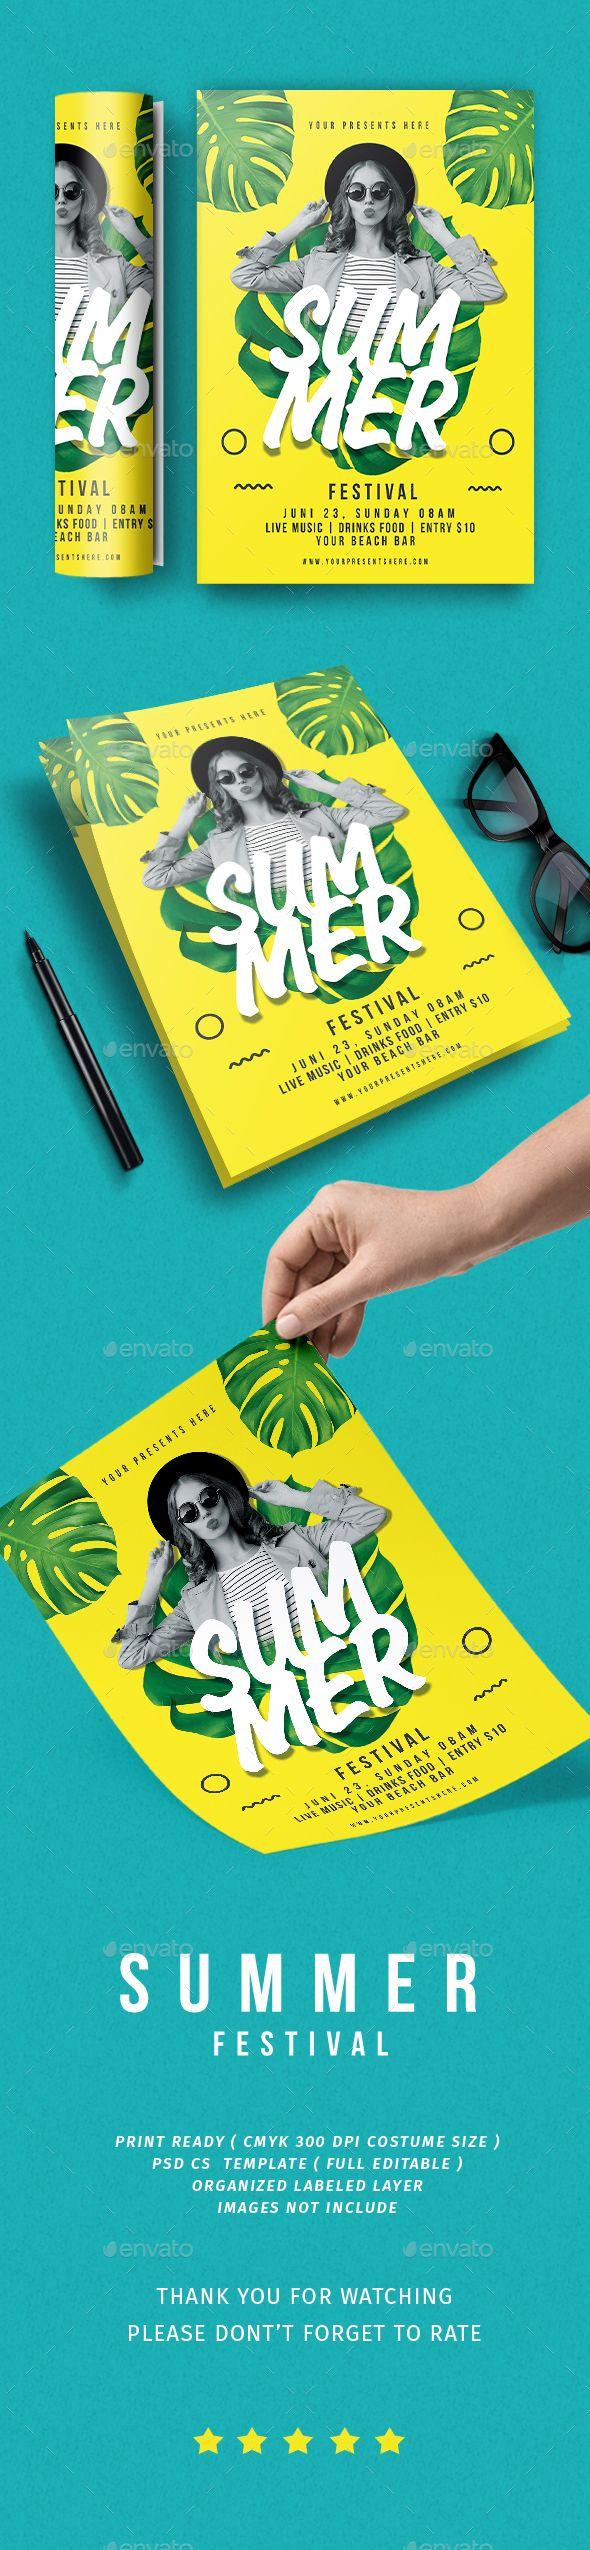 Summer Festival Flyer  sc 1 st  Pinterest & 80 best Wine images on Pinterest | Wine festival Festival flyer and ...